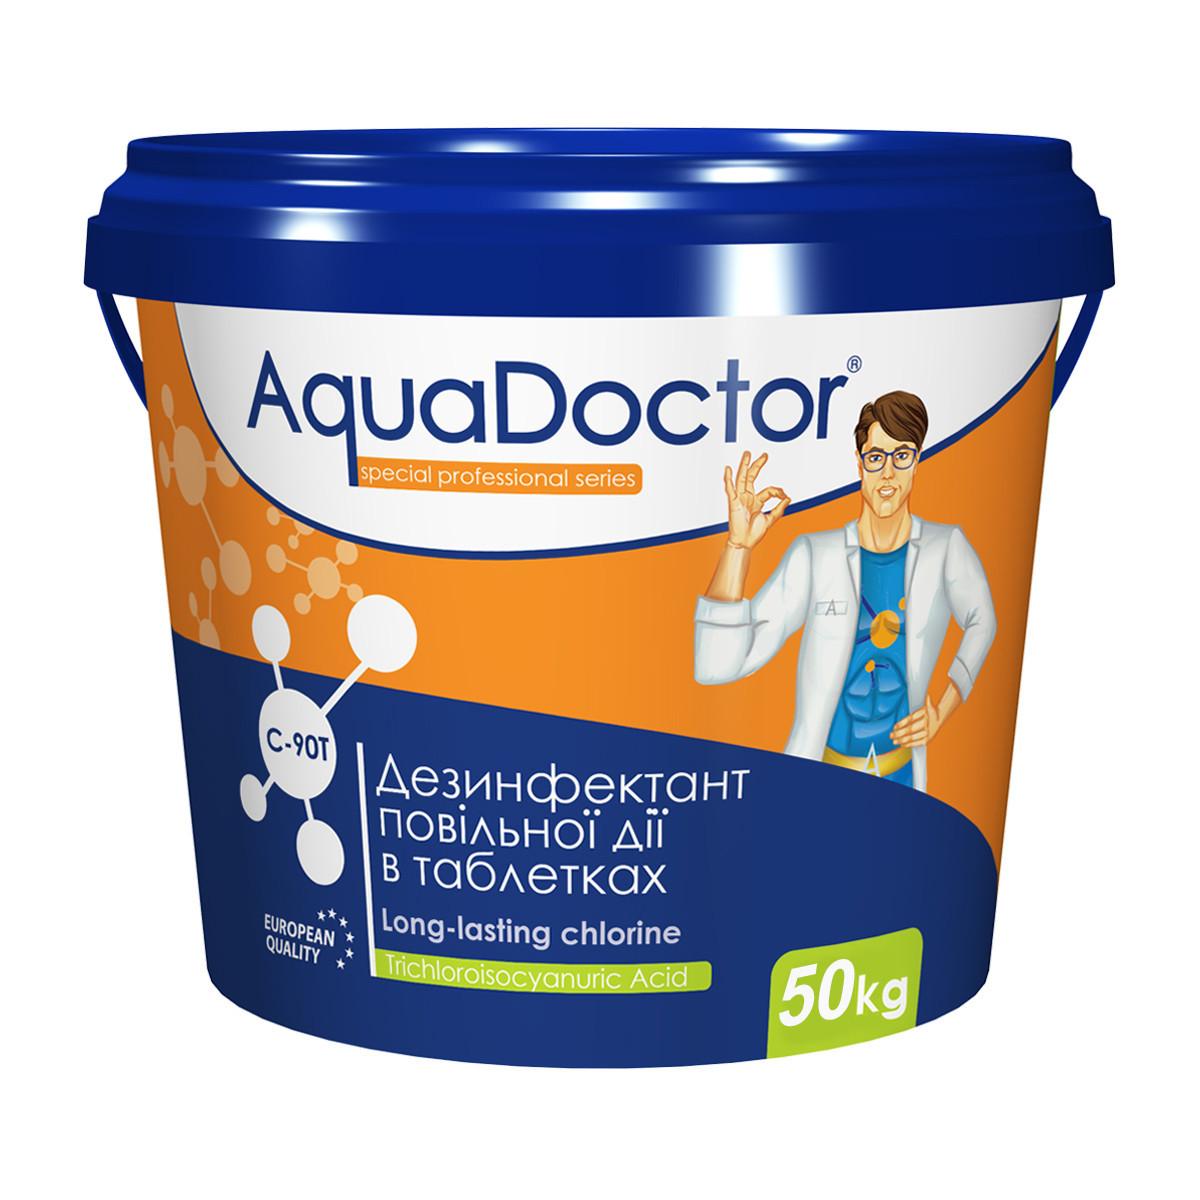 Медленный хлор AquaDoctor C-90T 50 кг. Таблетки хлора для бассейна сильнодействующие